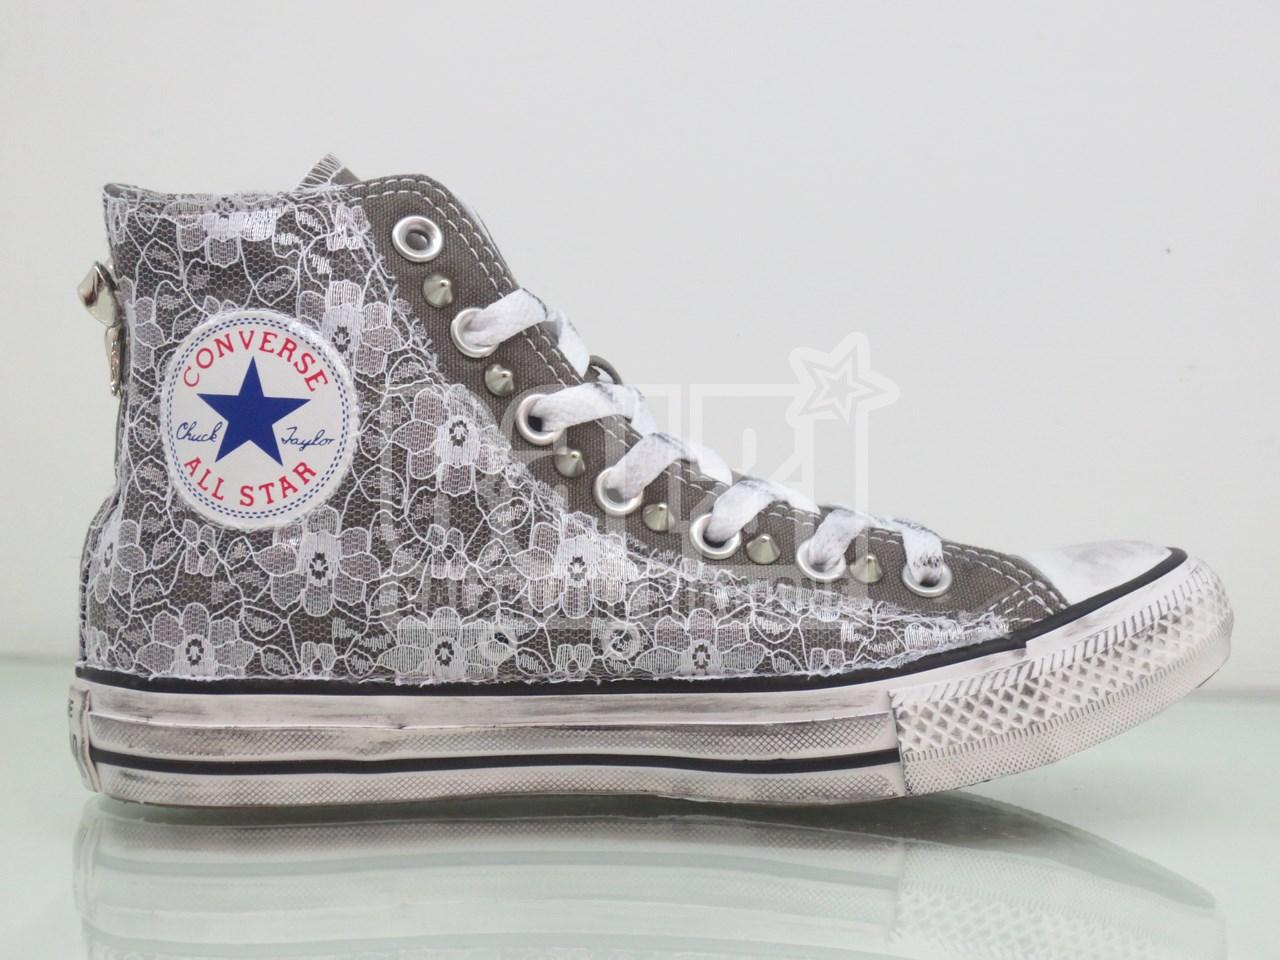 Converse All Star Grigio Vintage